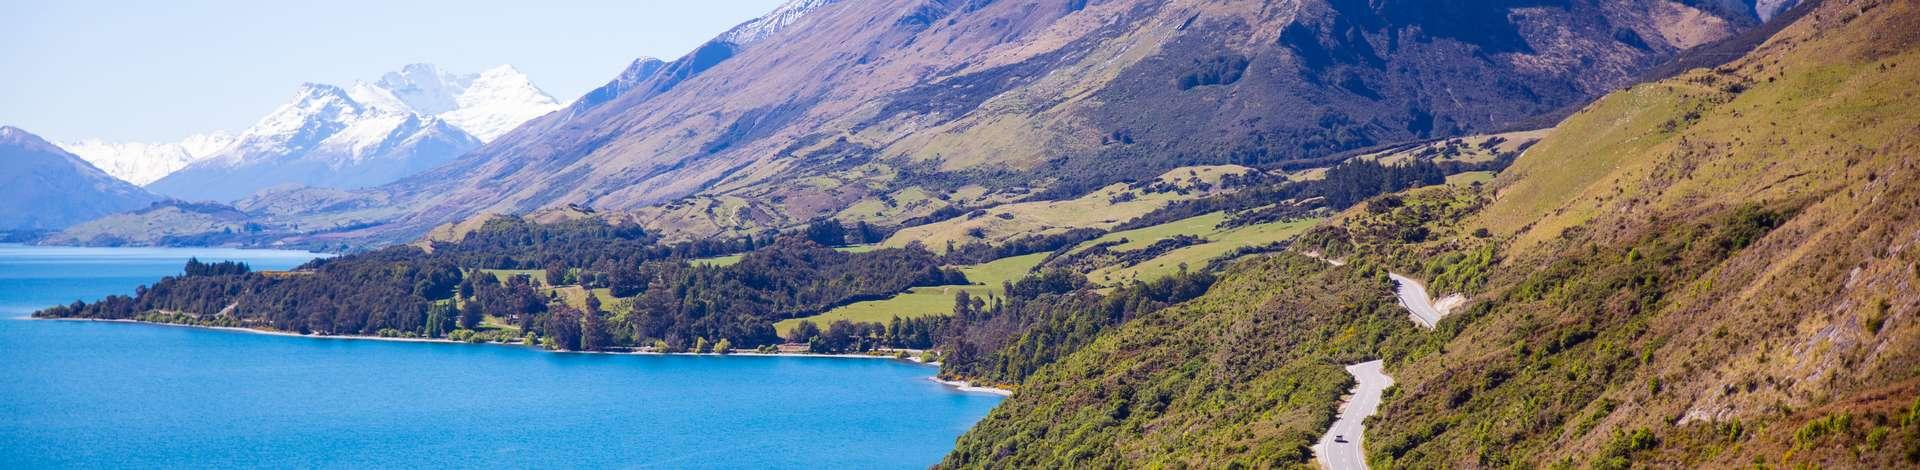 Nouvelle-Zélande camping-car montagnes lac